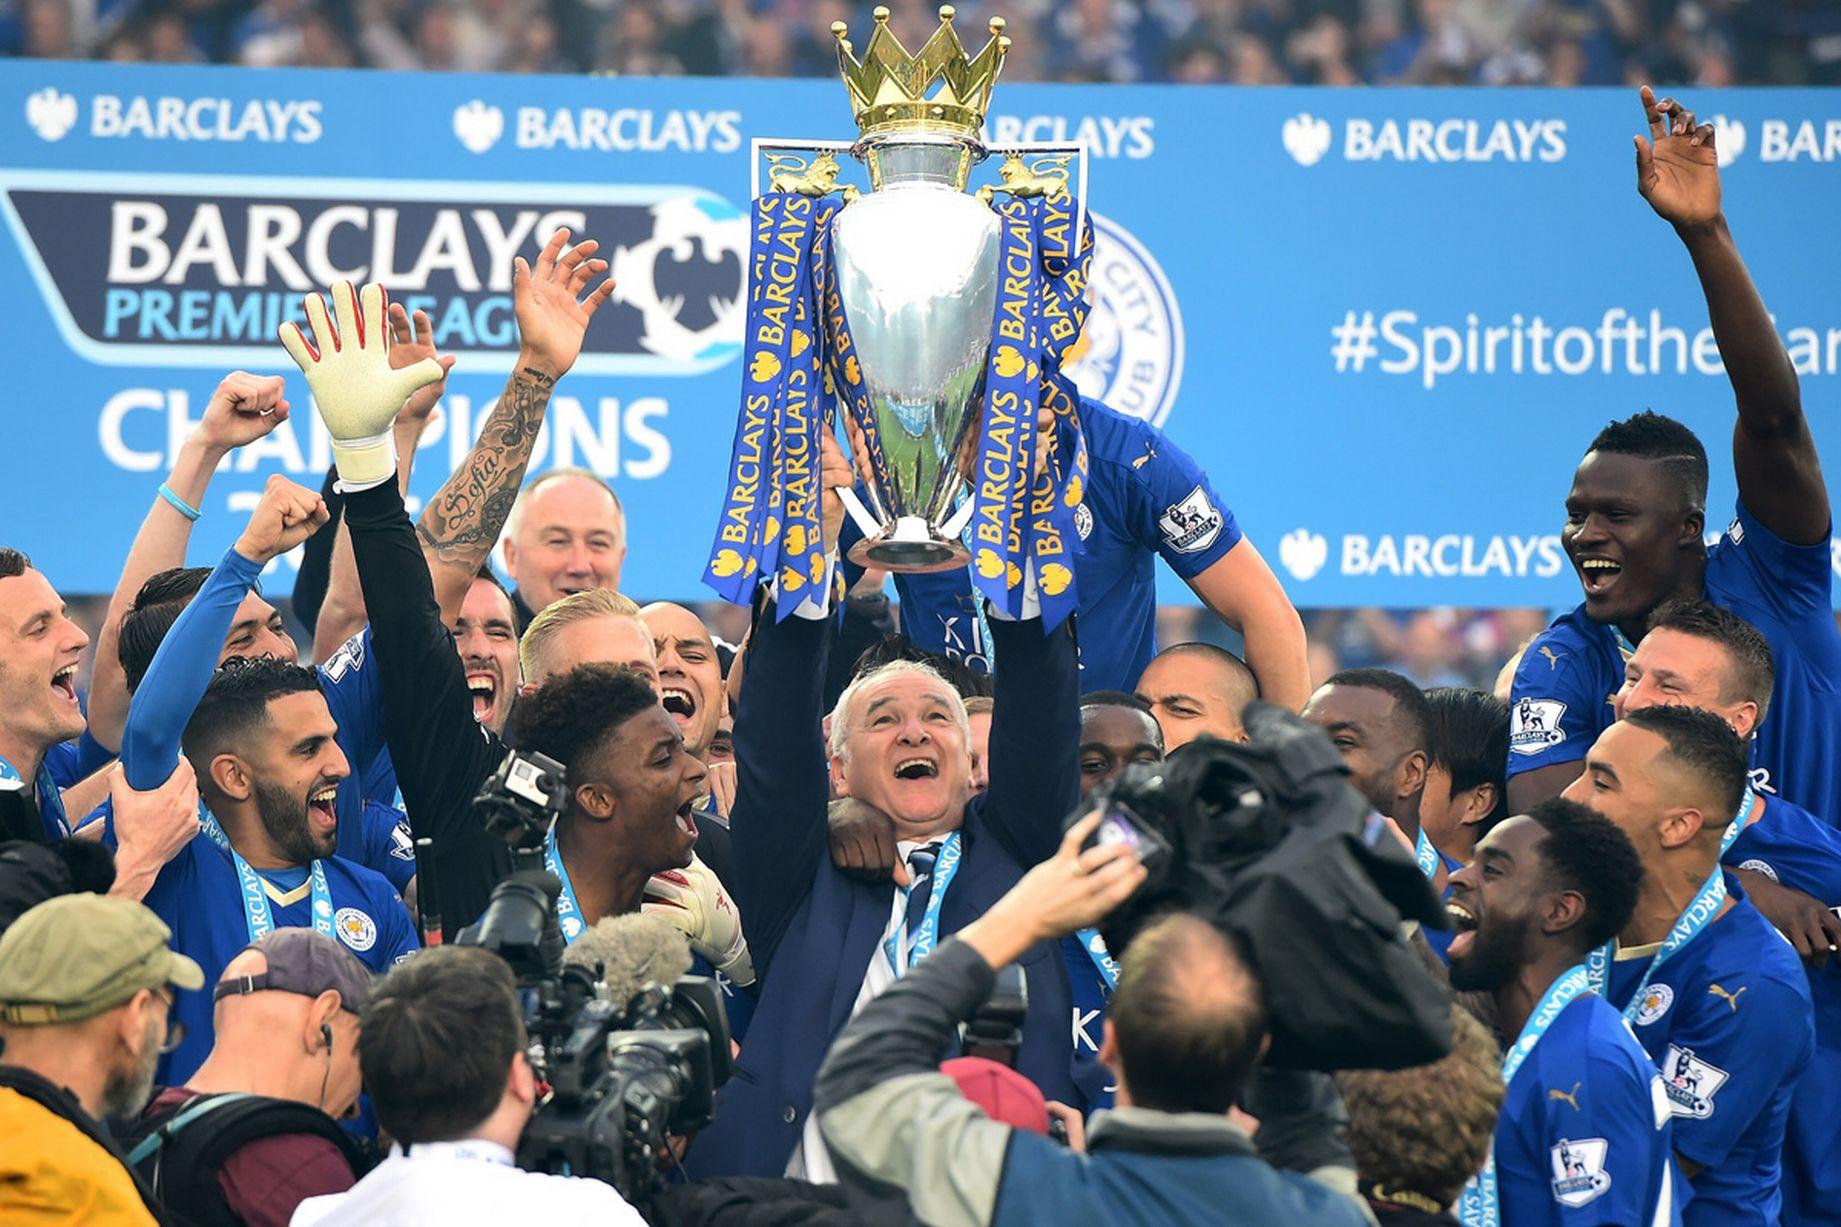 Claudio Ranieri ergue o troféu da Premier League em 2015/16.